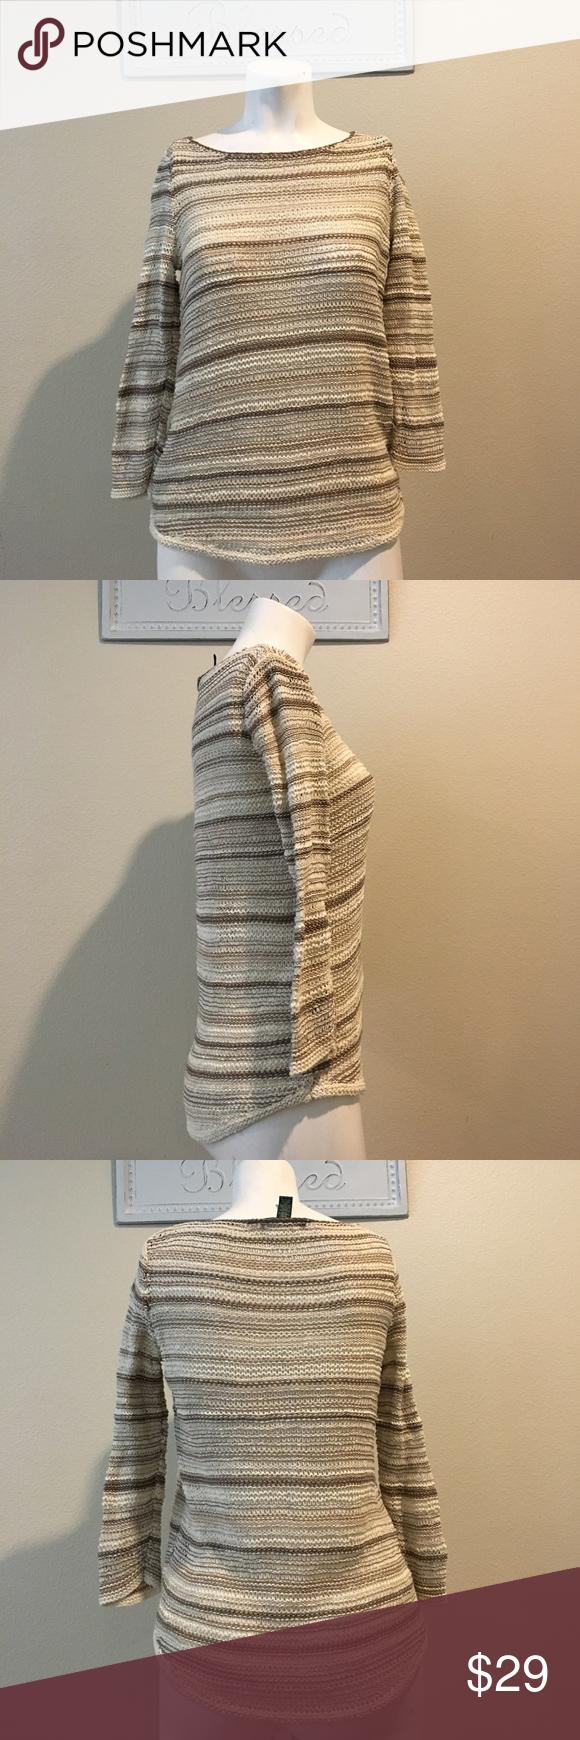 Ralph Lauren sweater size Xs Beige cream Knit loop sweater Nwot Ralph Lauren Sweaters Crew & Scoop Necks